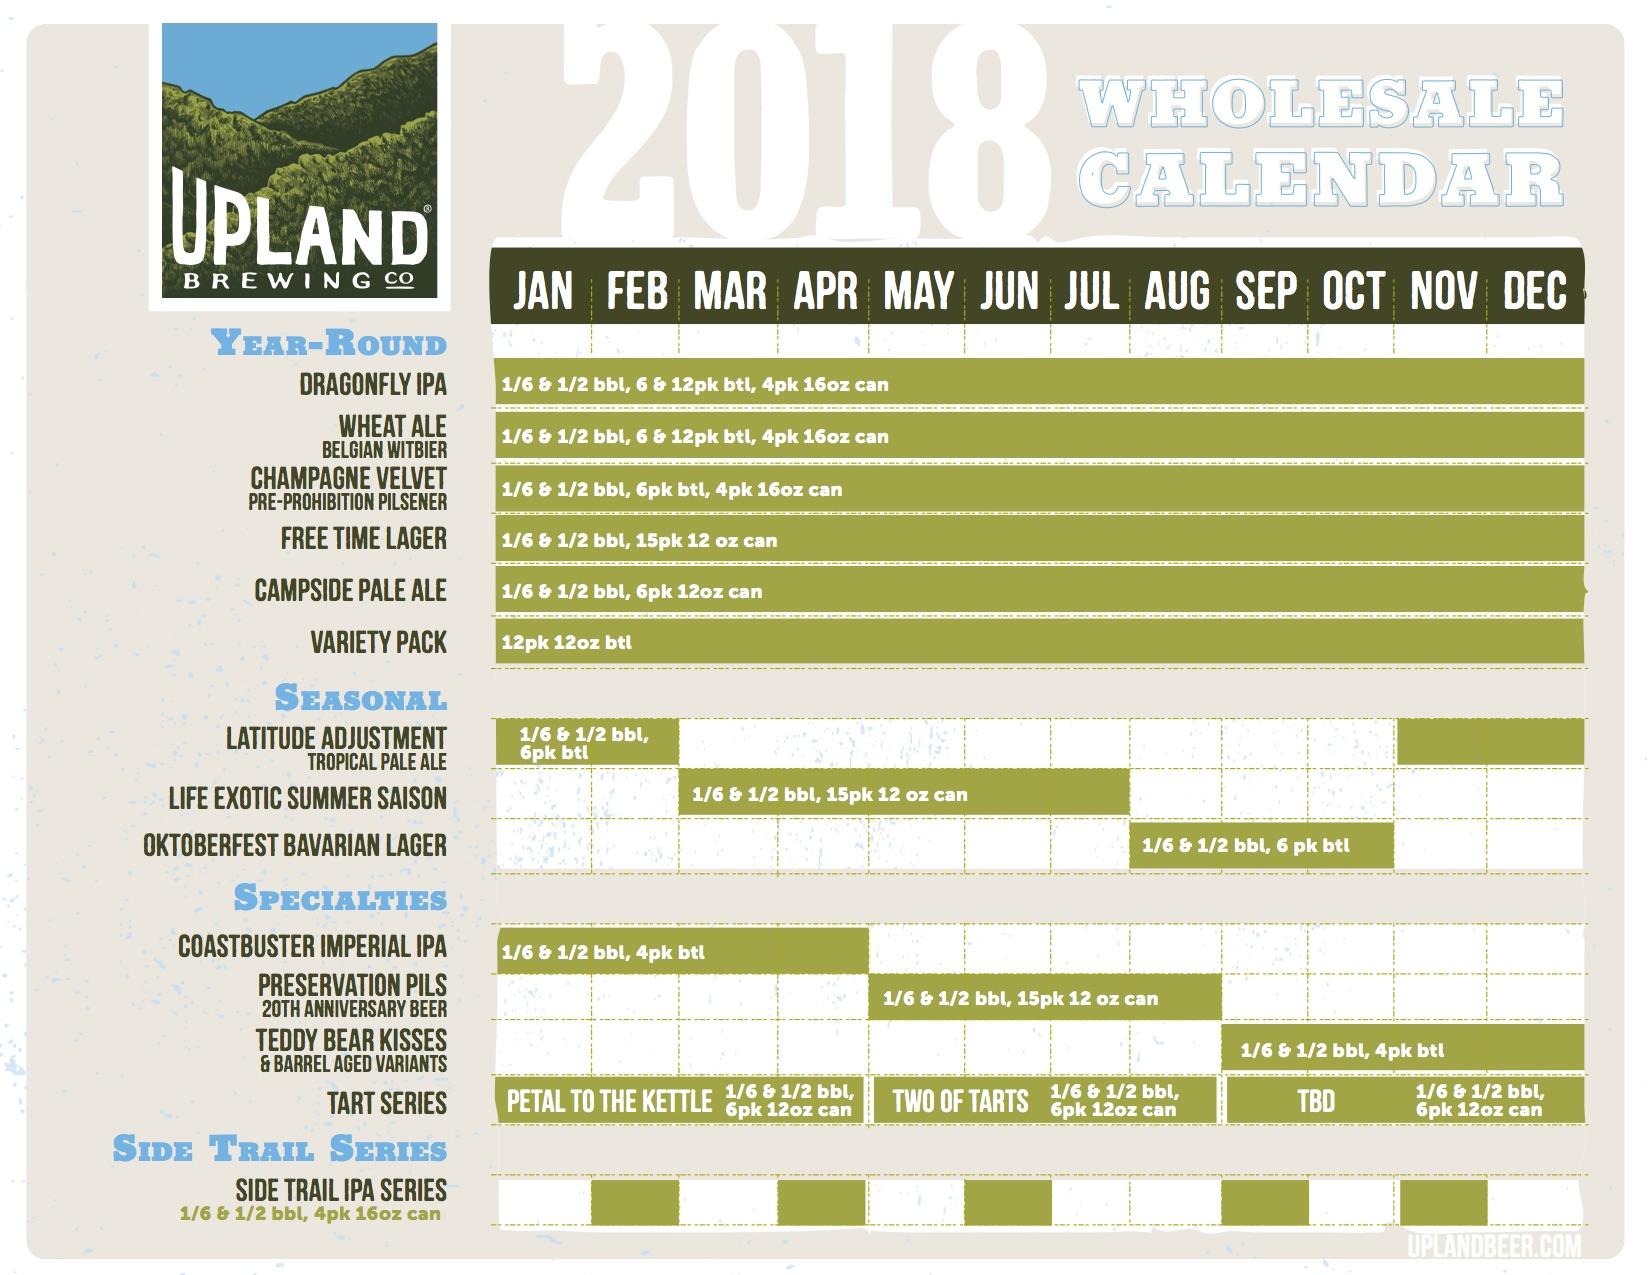 2018 Upland Brewing Beer Release Calendar Core